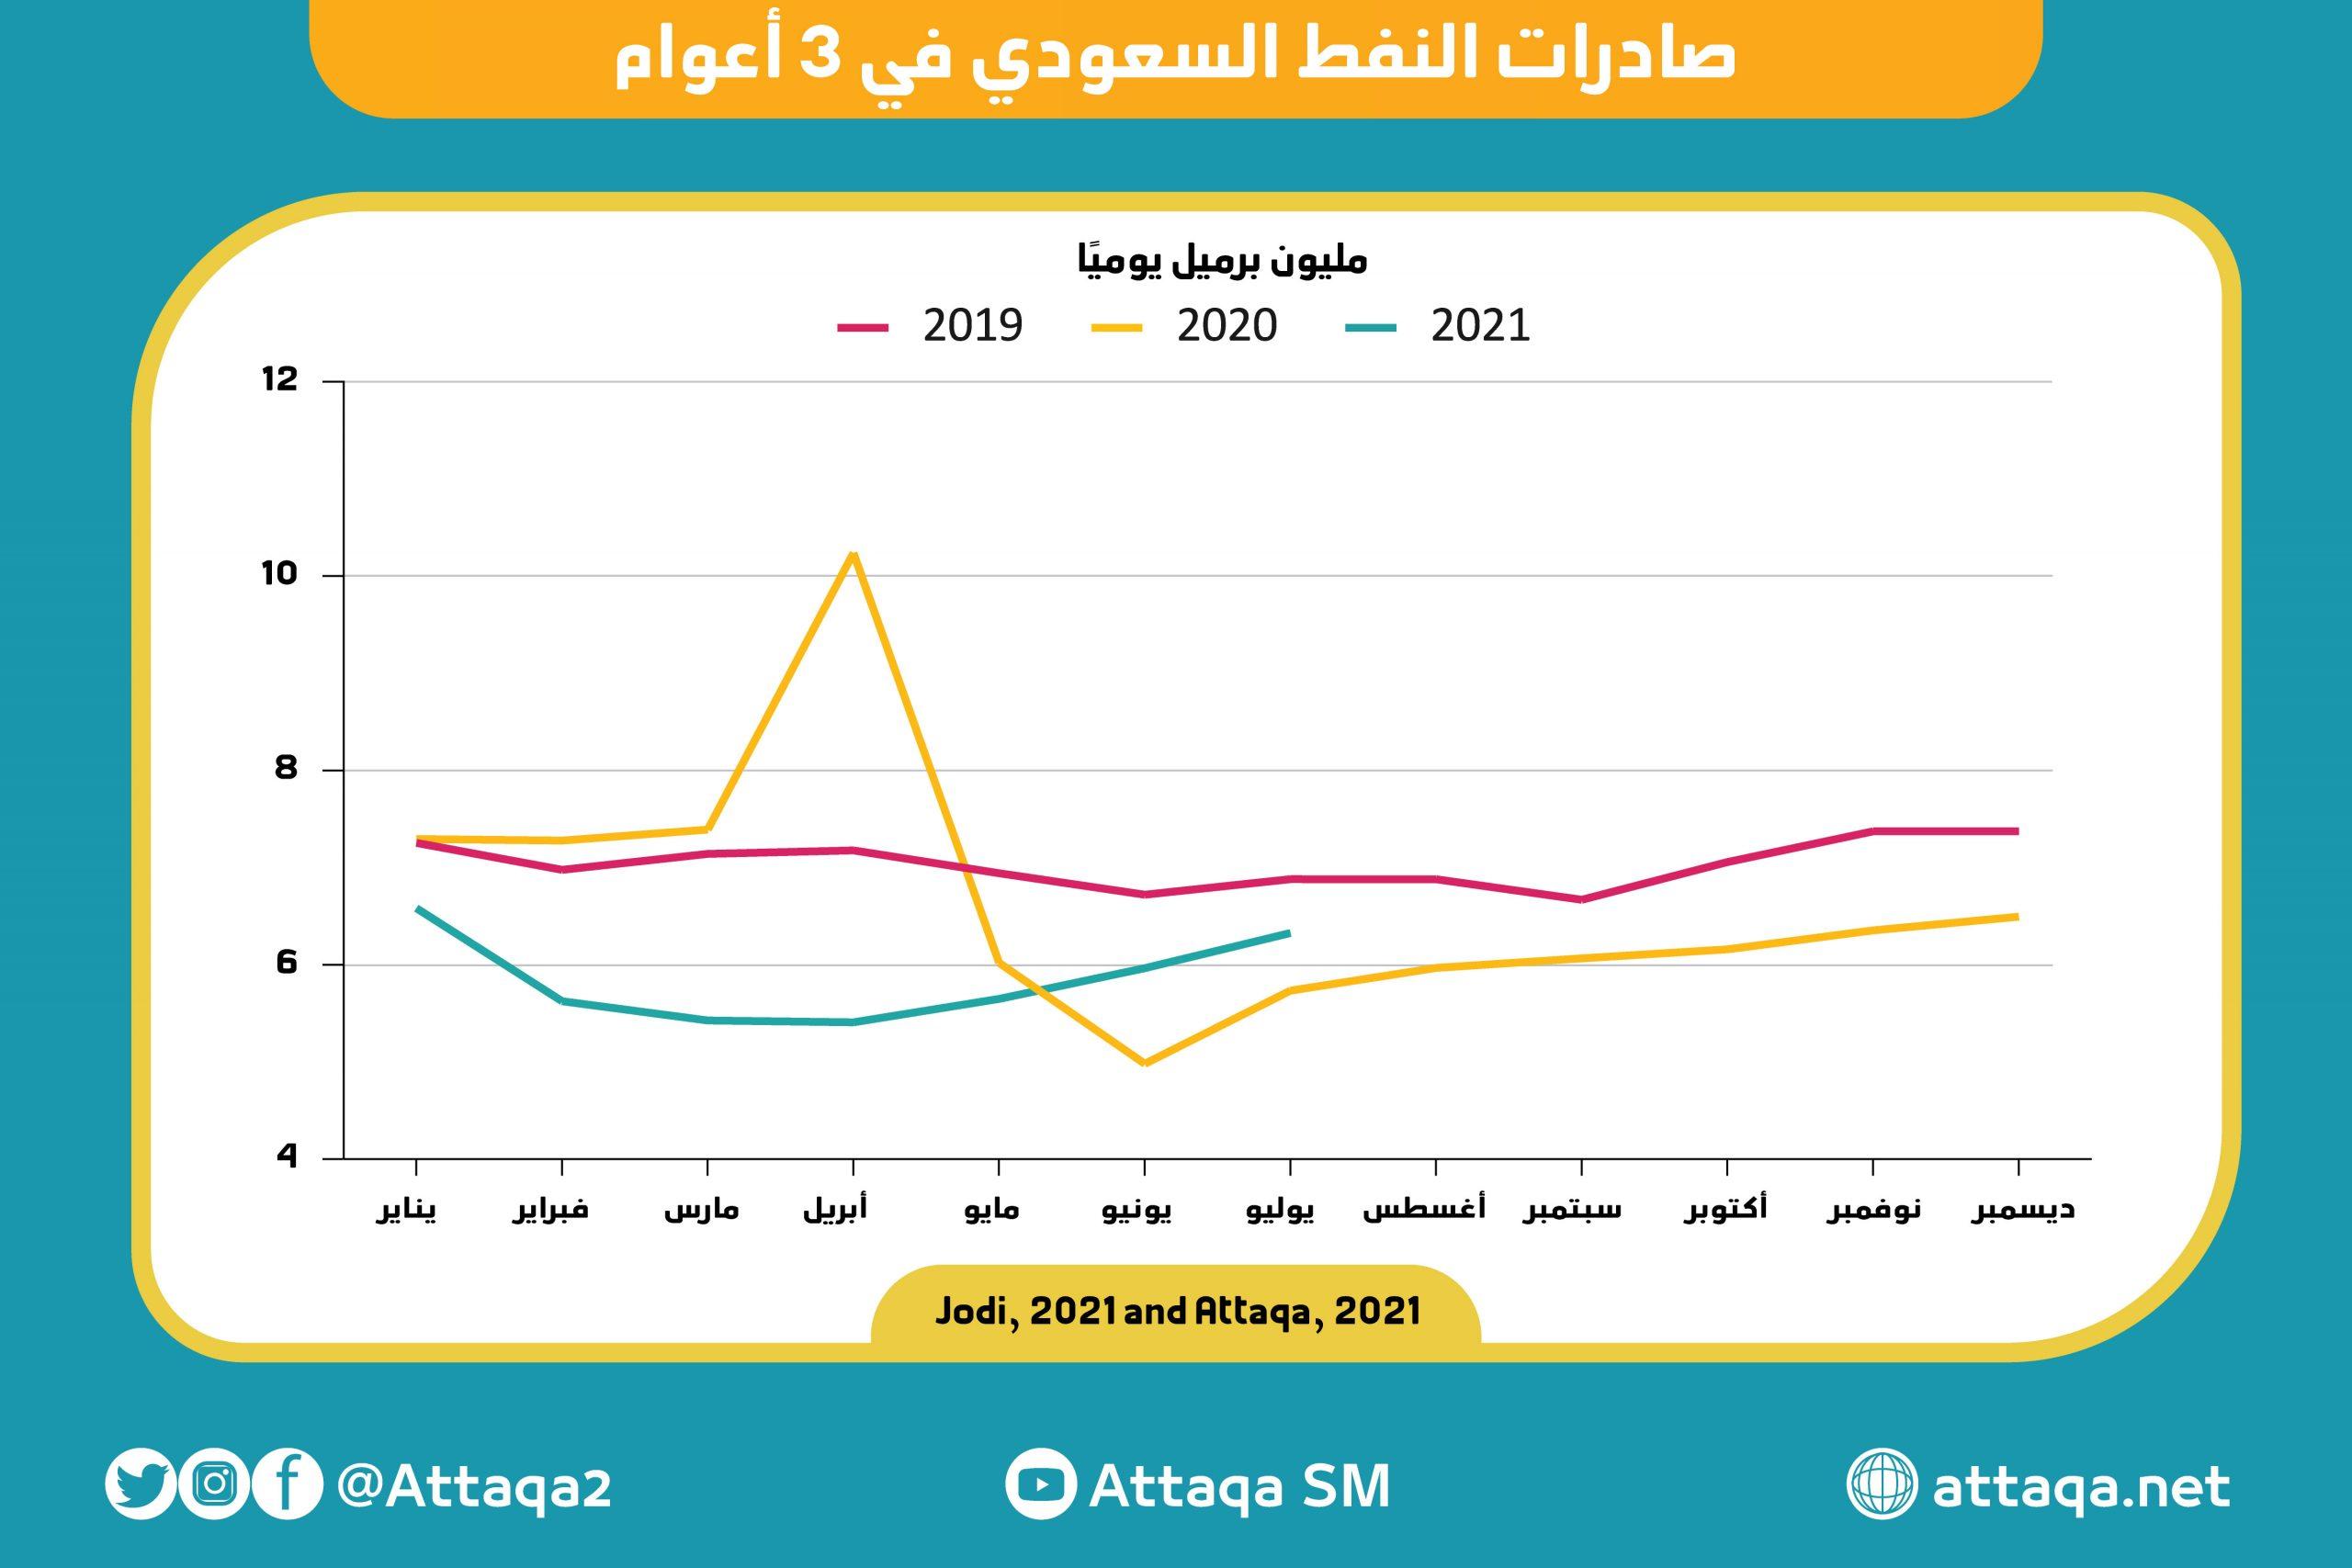 اليوم الوطني السعودي 2021 - صادرات النفط - السعودية